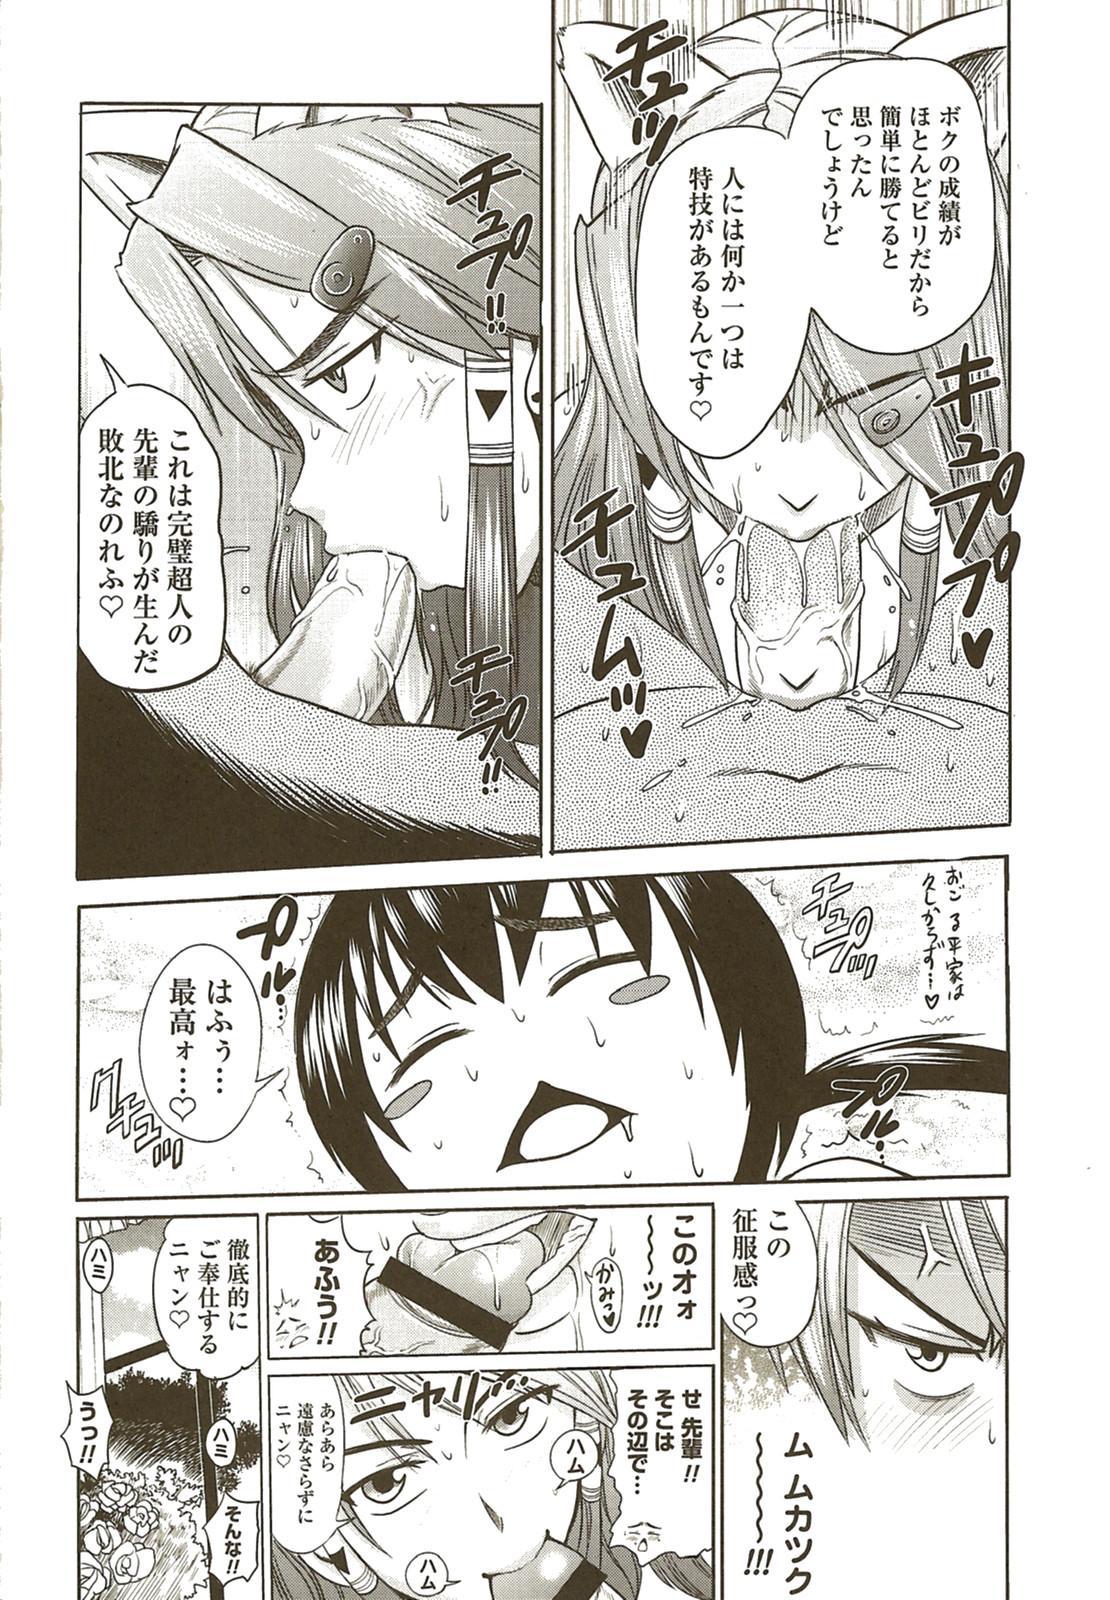 HHH Triple H Tora no Ana Tokuten 5